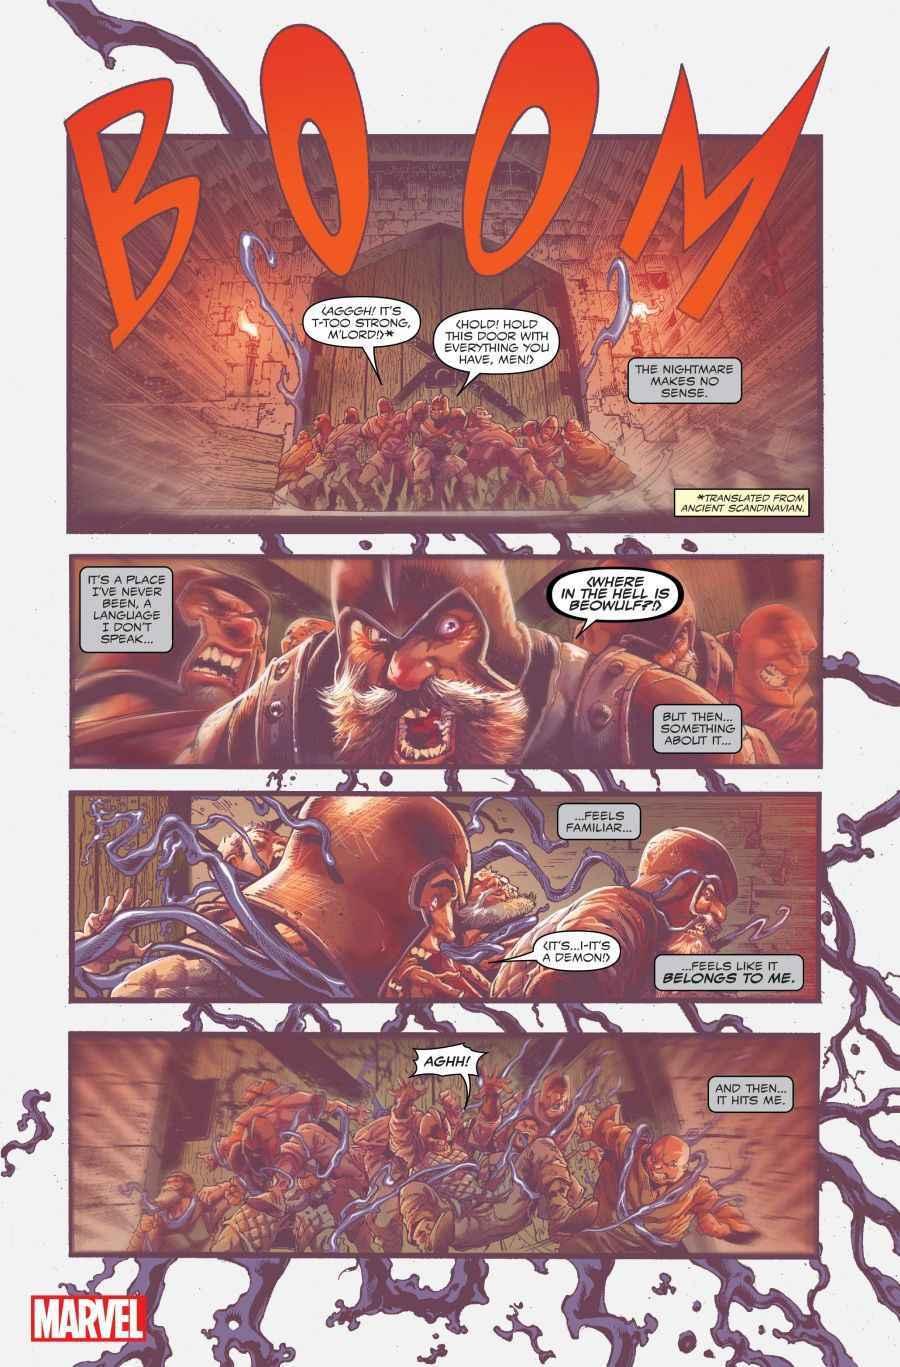 Venom #1, anteprima 01